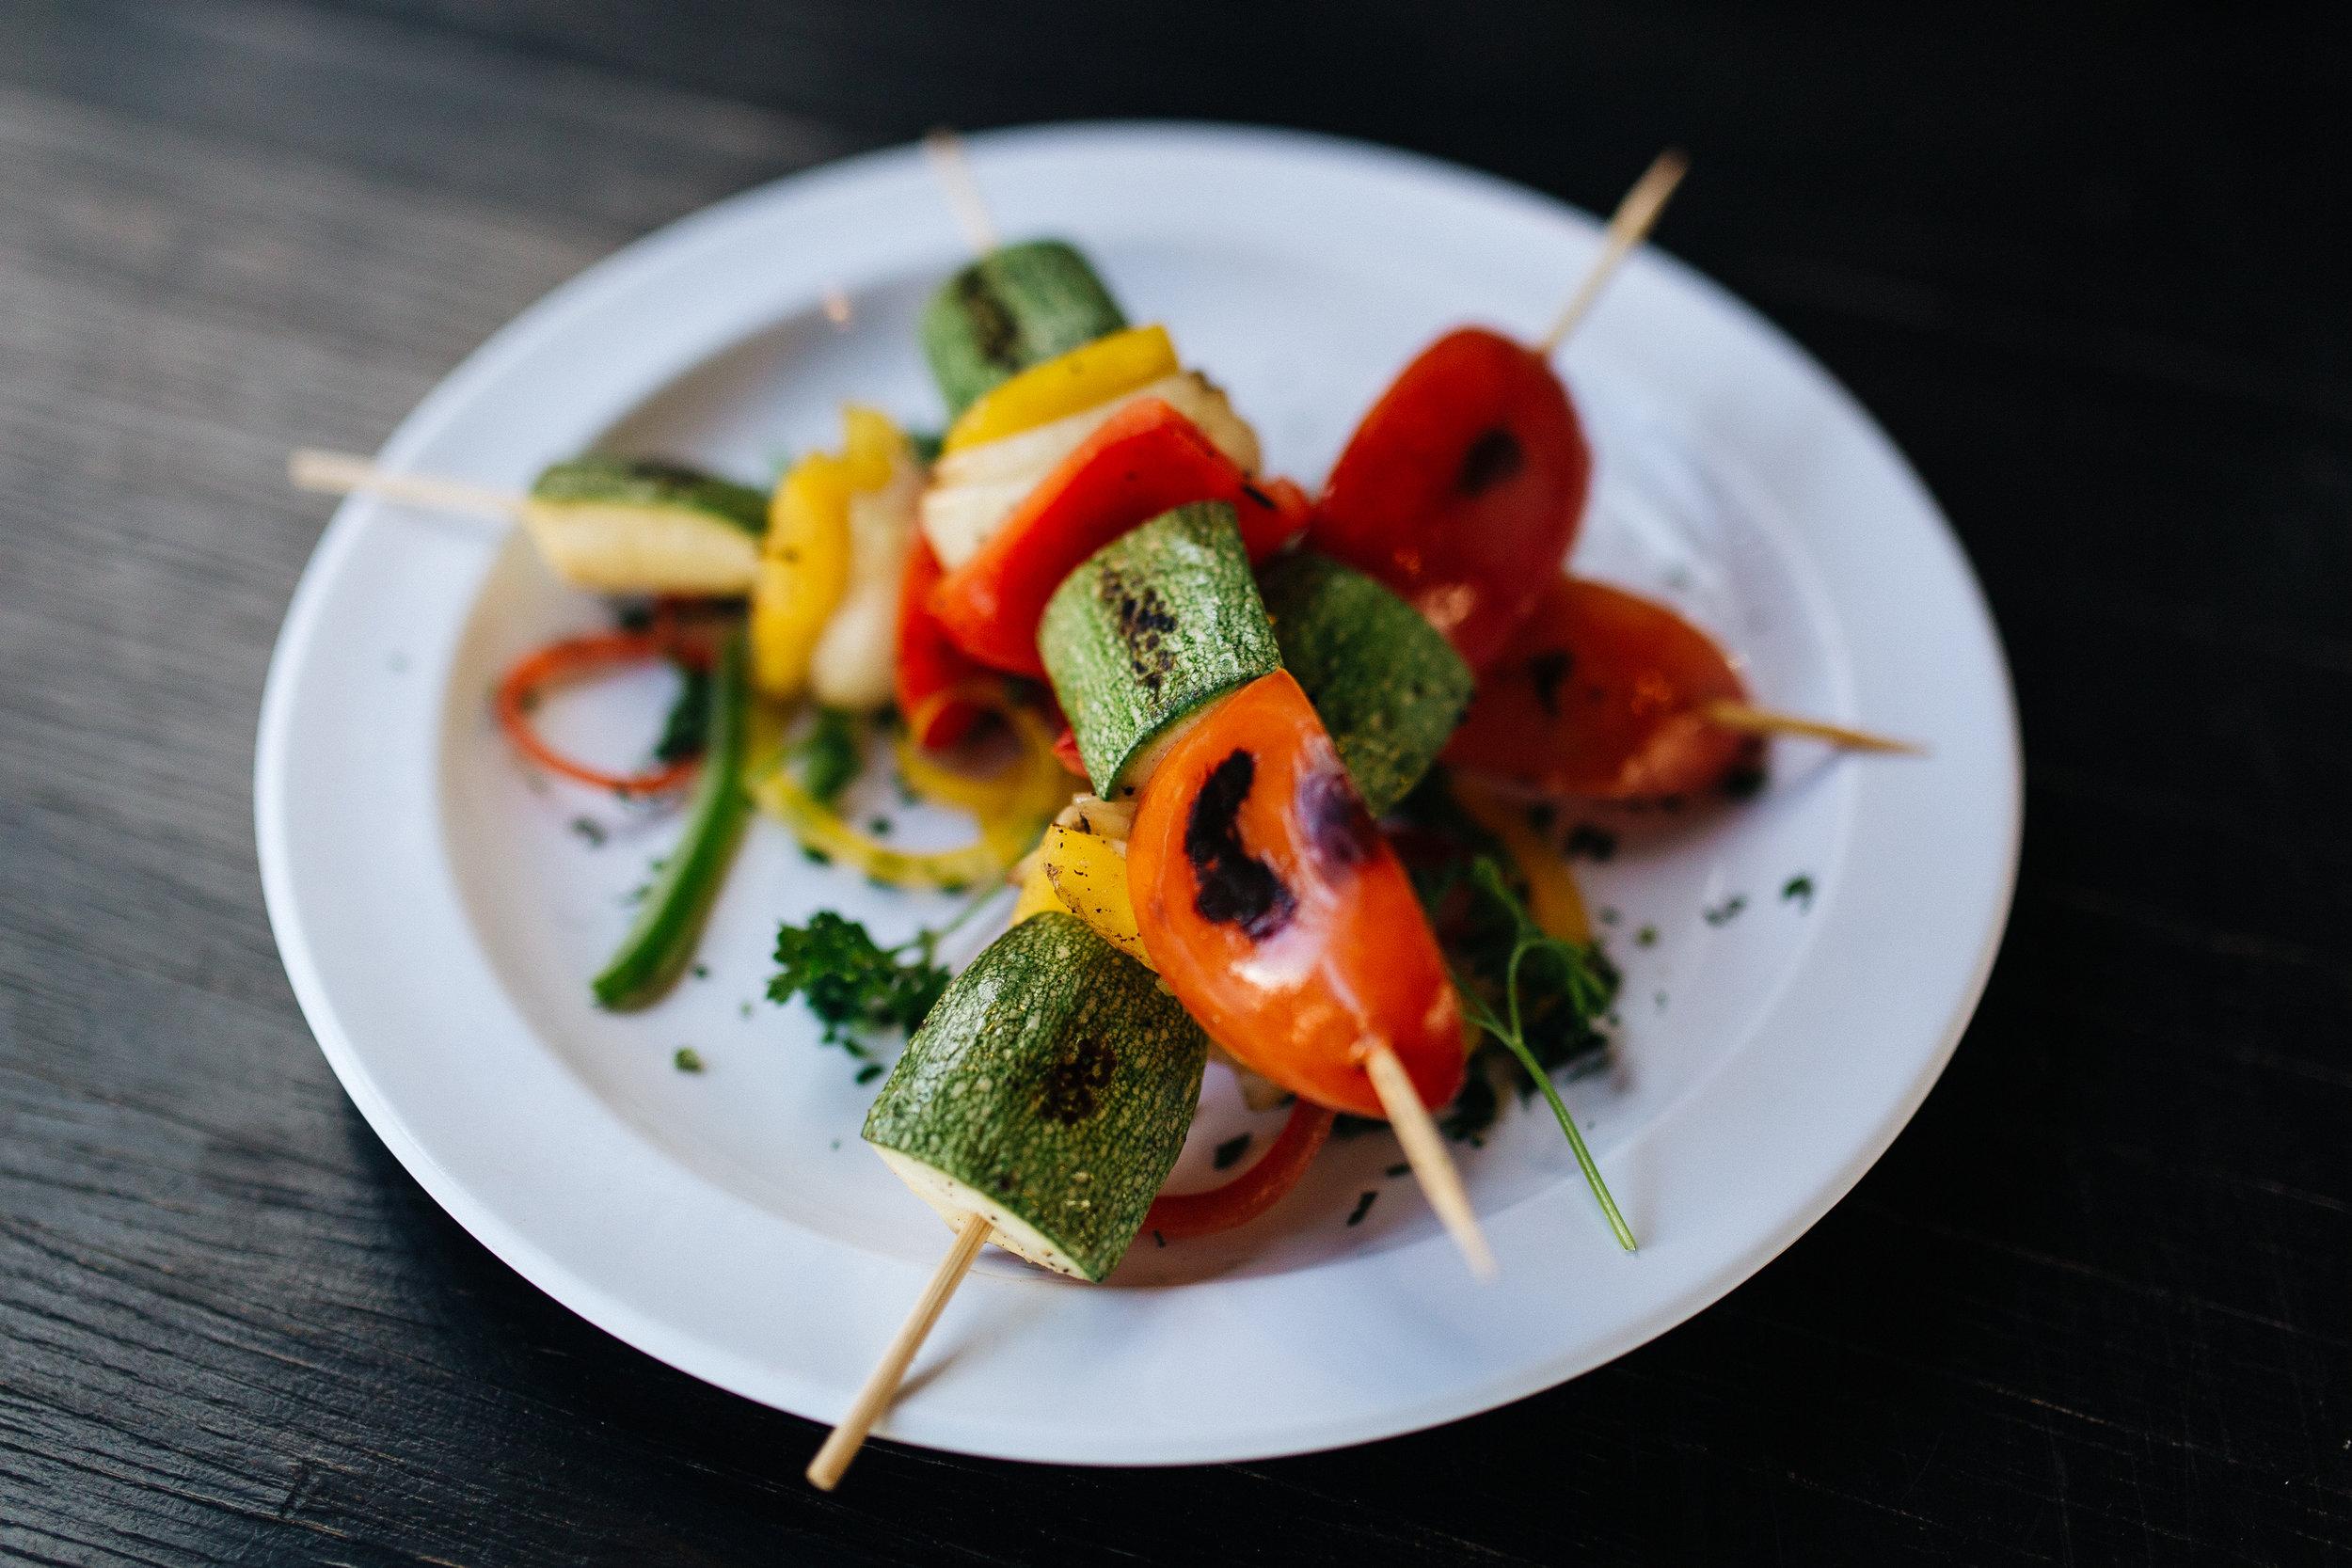 العشاء 1 - شيش الخضروات المشوية